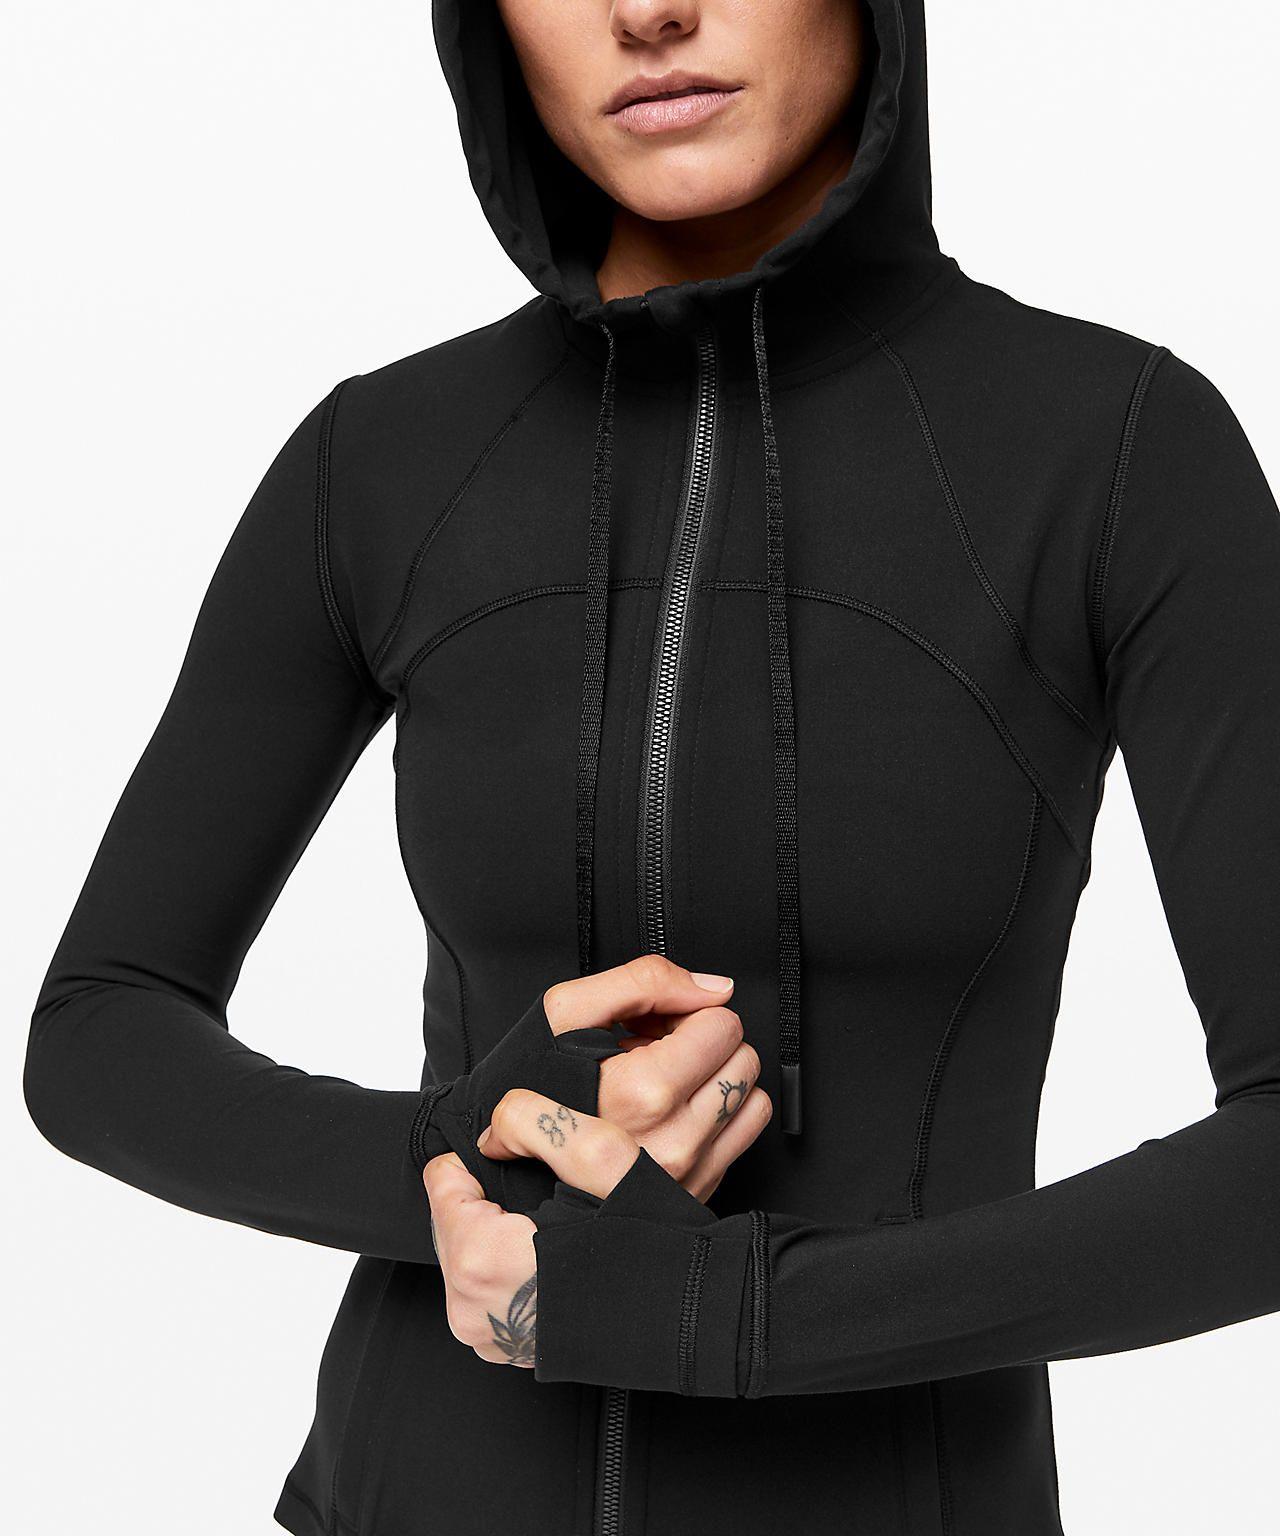 Hooded Define Jacket Nulu Women S Jackets Outerwear Lululemon Jackets For Women Jackets Outerwear Jackets [ 1536 x 1280 Pixel ]